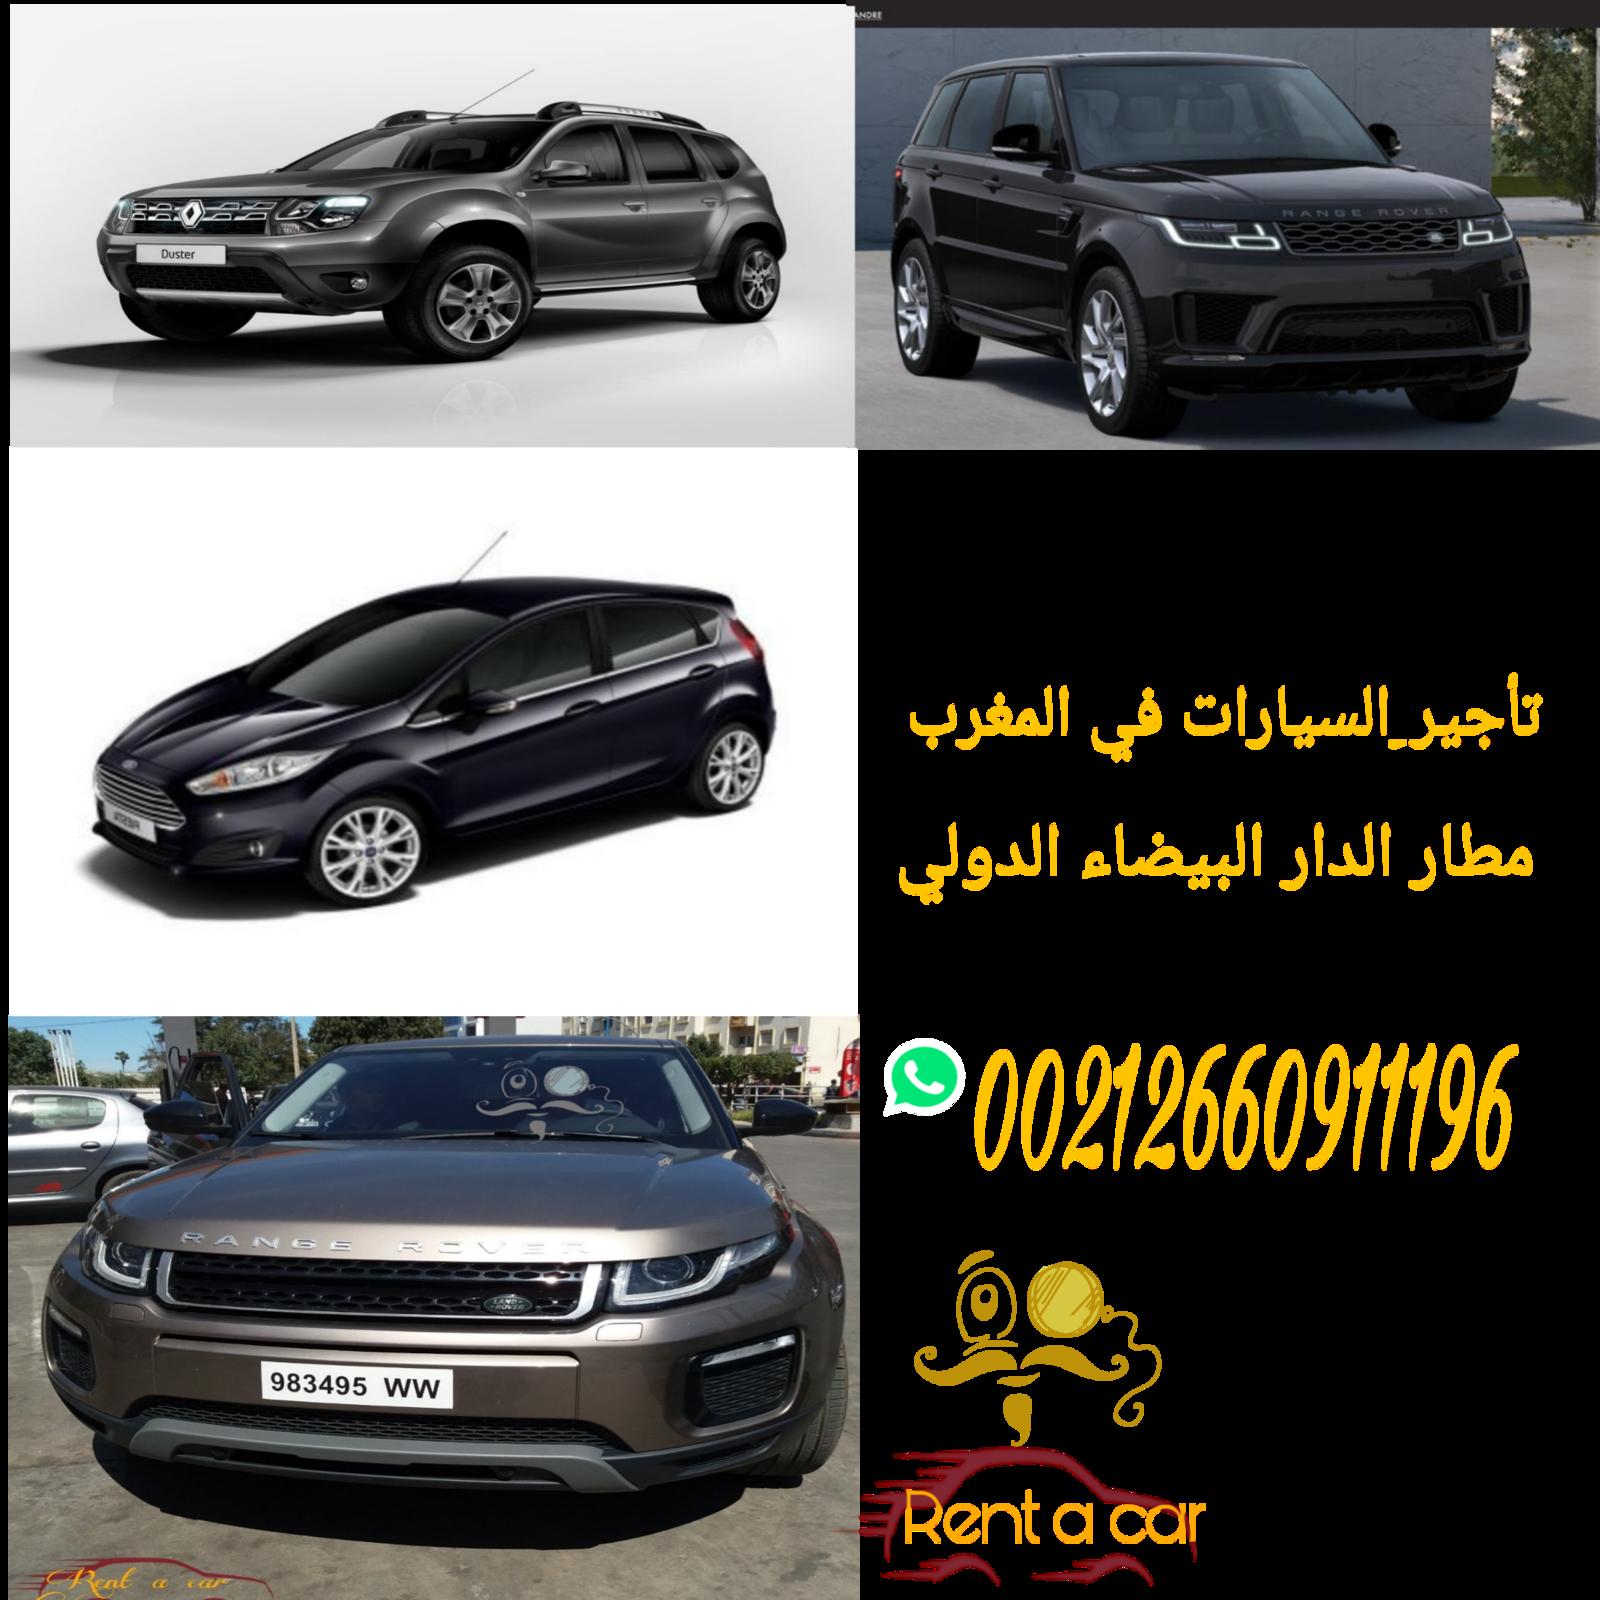 703396 المسافرون العرب تأجير سيارات في المغرب عرض خاص vip